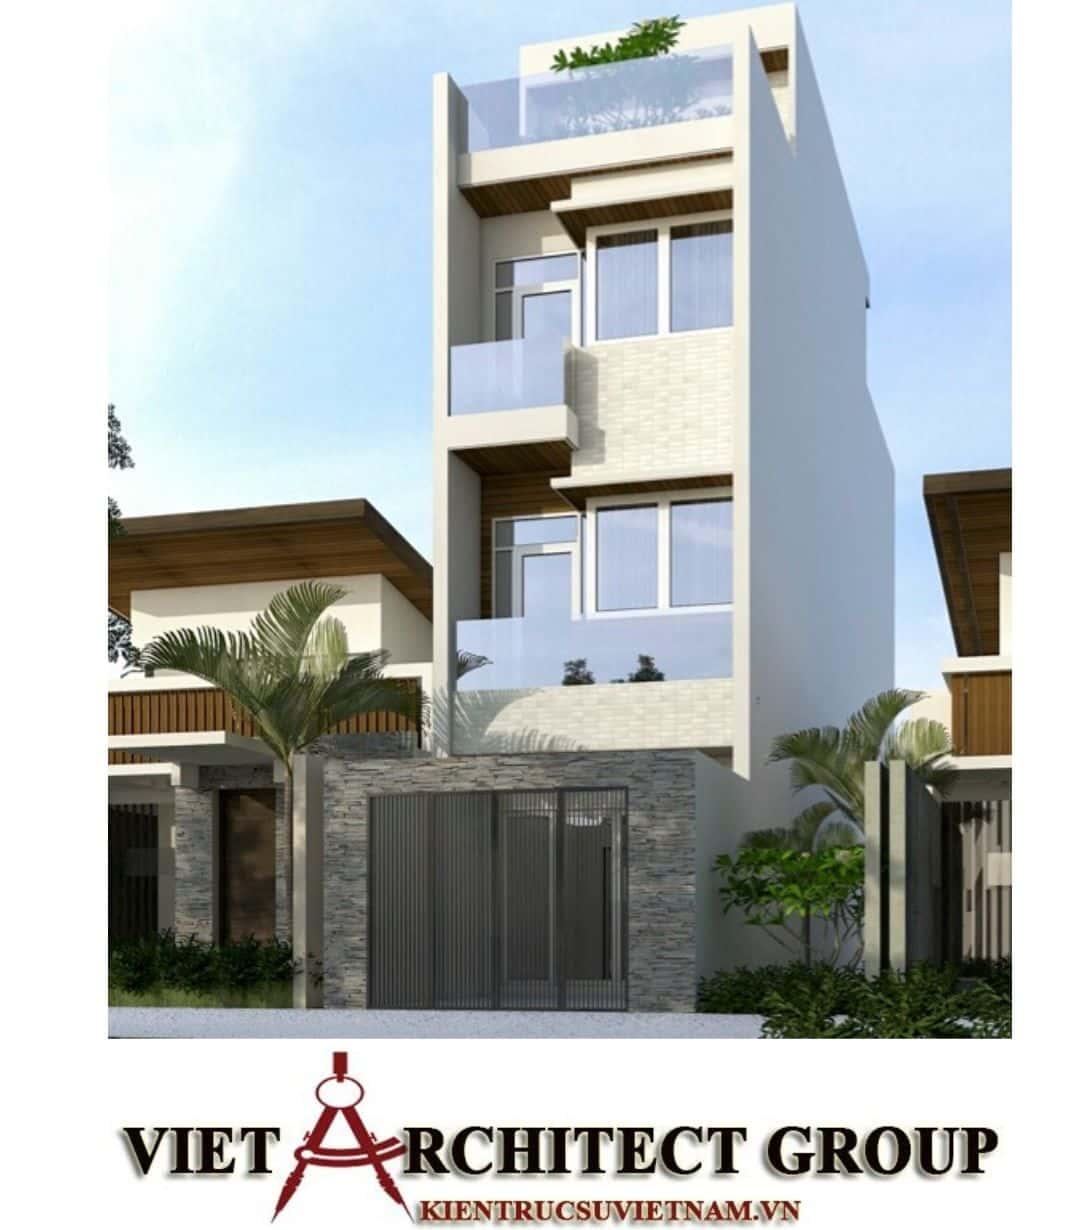 1 58 - Công trình nhà ở 4 tầng mặt tiền 4.5m anh Tuấn - TPHCM